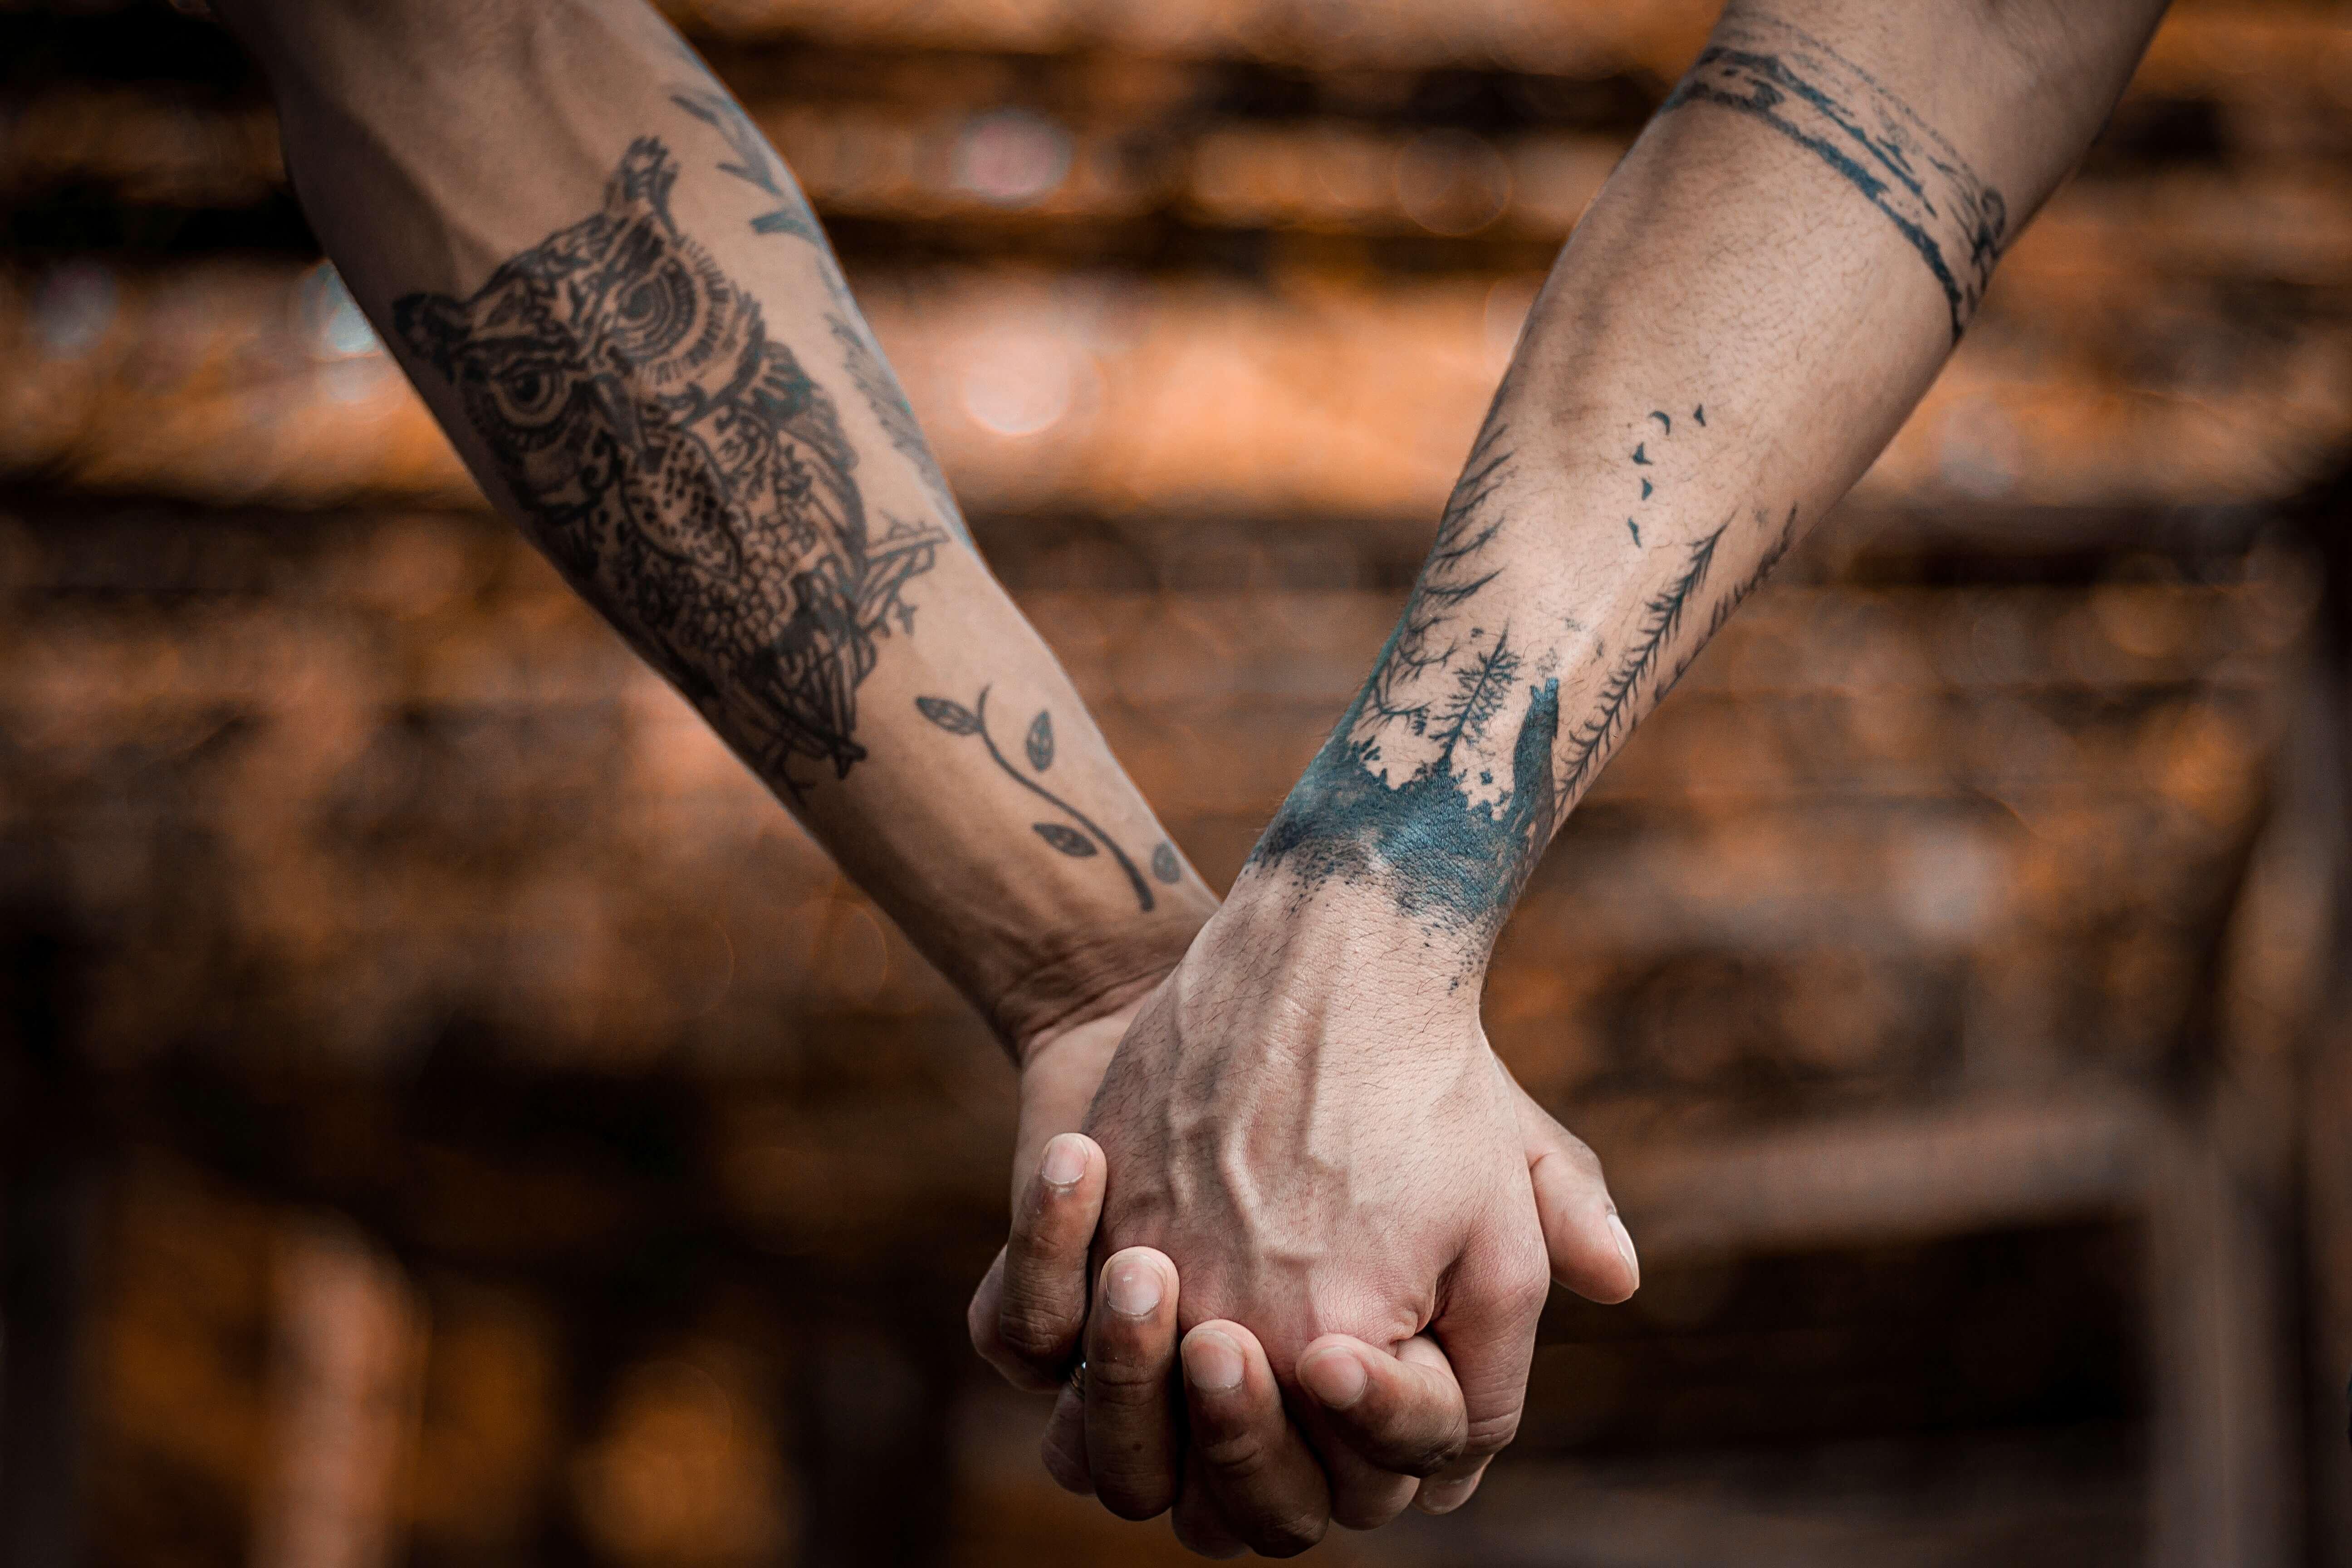 Czy Warto Robić Tatuaże Soa Czyli Słowa Oczywiście A